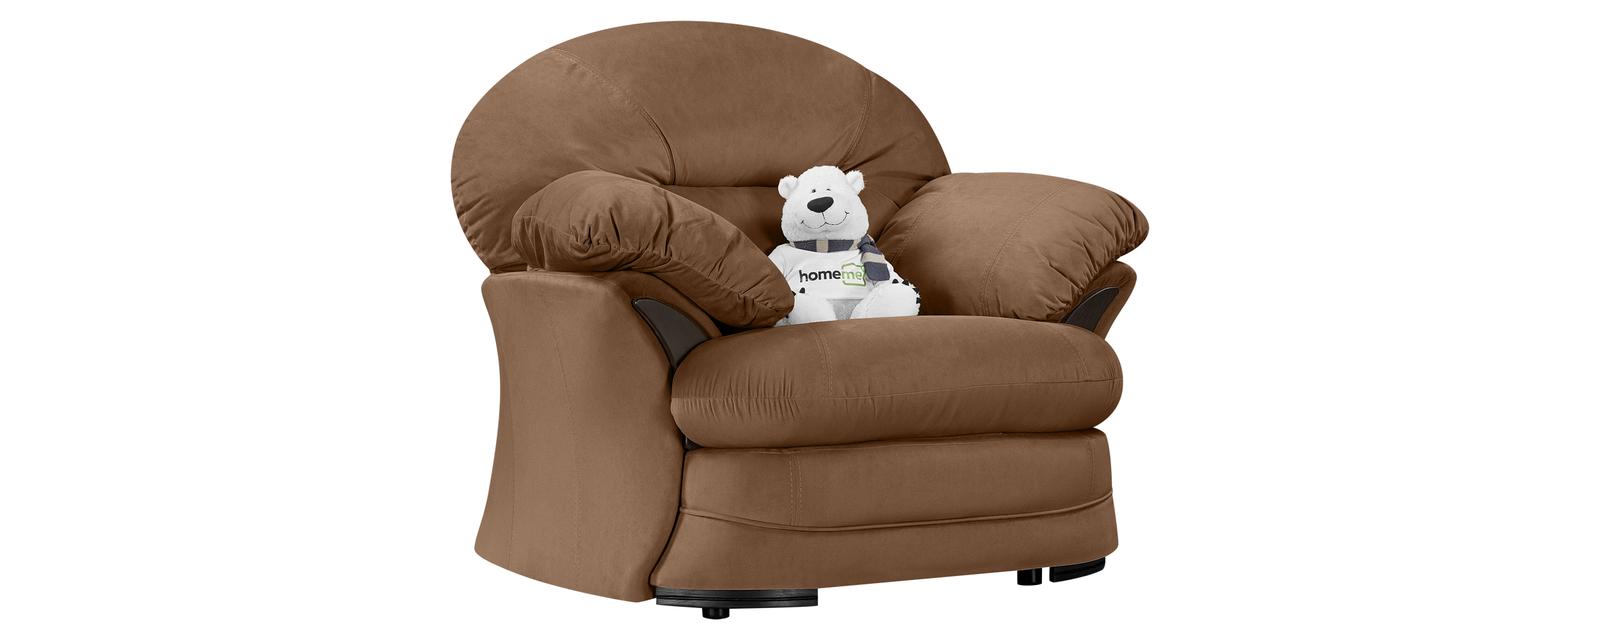 Кресло тканевое Ланкастер Velure коричневый (Велюр) Ланкастер